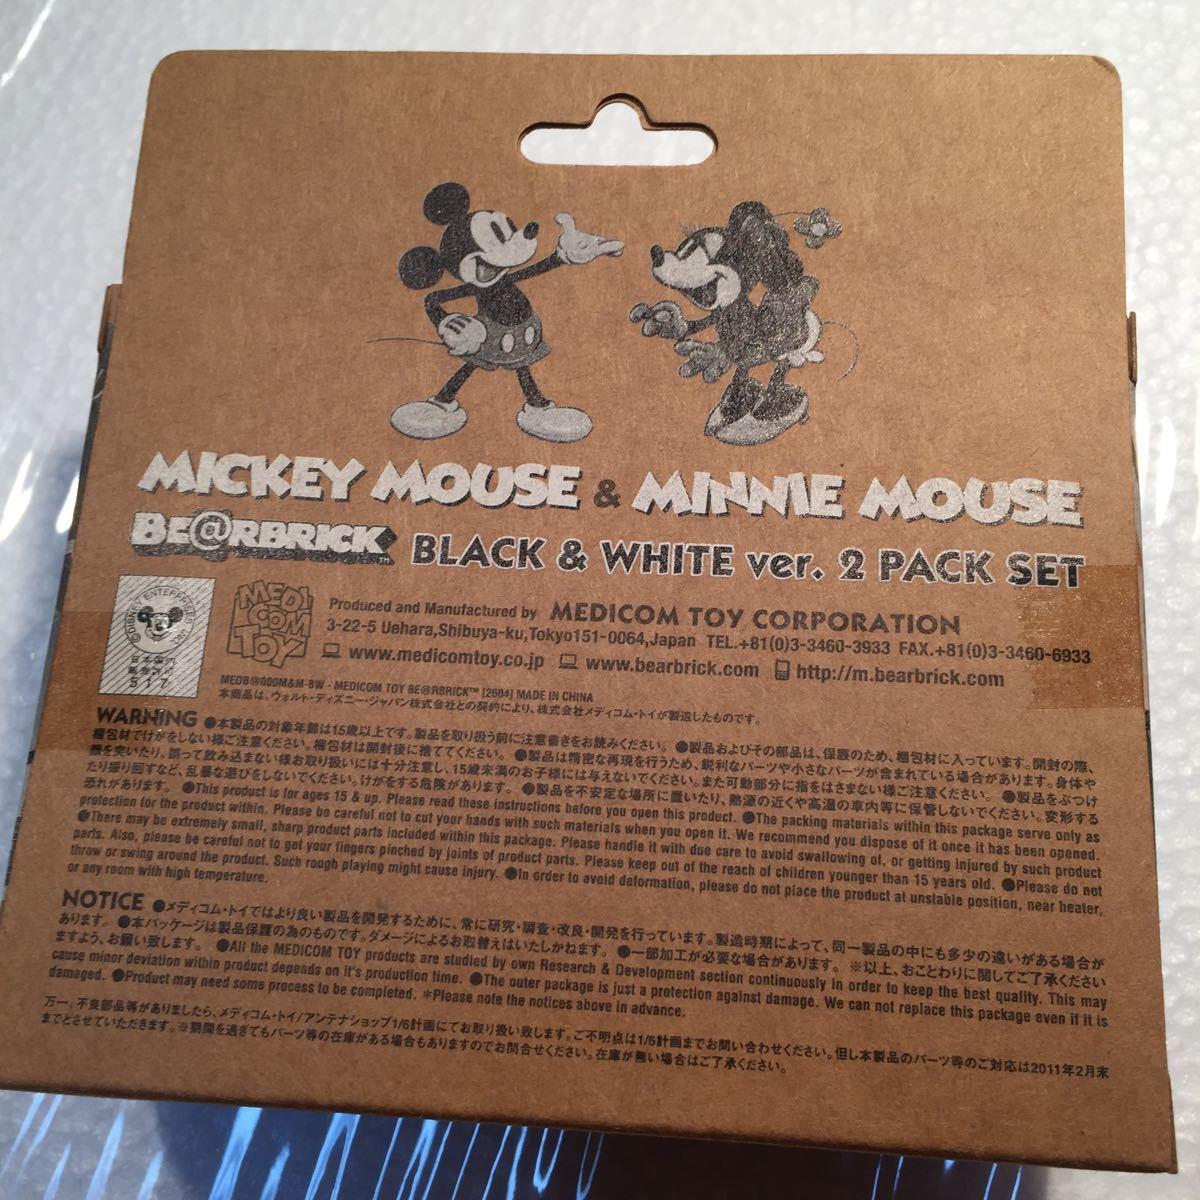 【未開封】ミッキーマウス&ミニーマウス BE@RBRICK(ベアブリック)MICKEY MOUSE & MINNIE MOUSE (BLACK & WHITE ver.)2 PACK【disney】_画像3